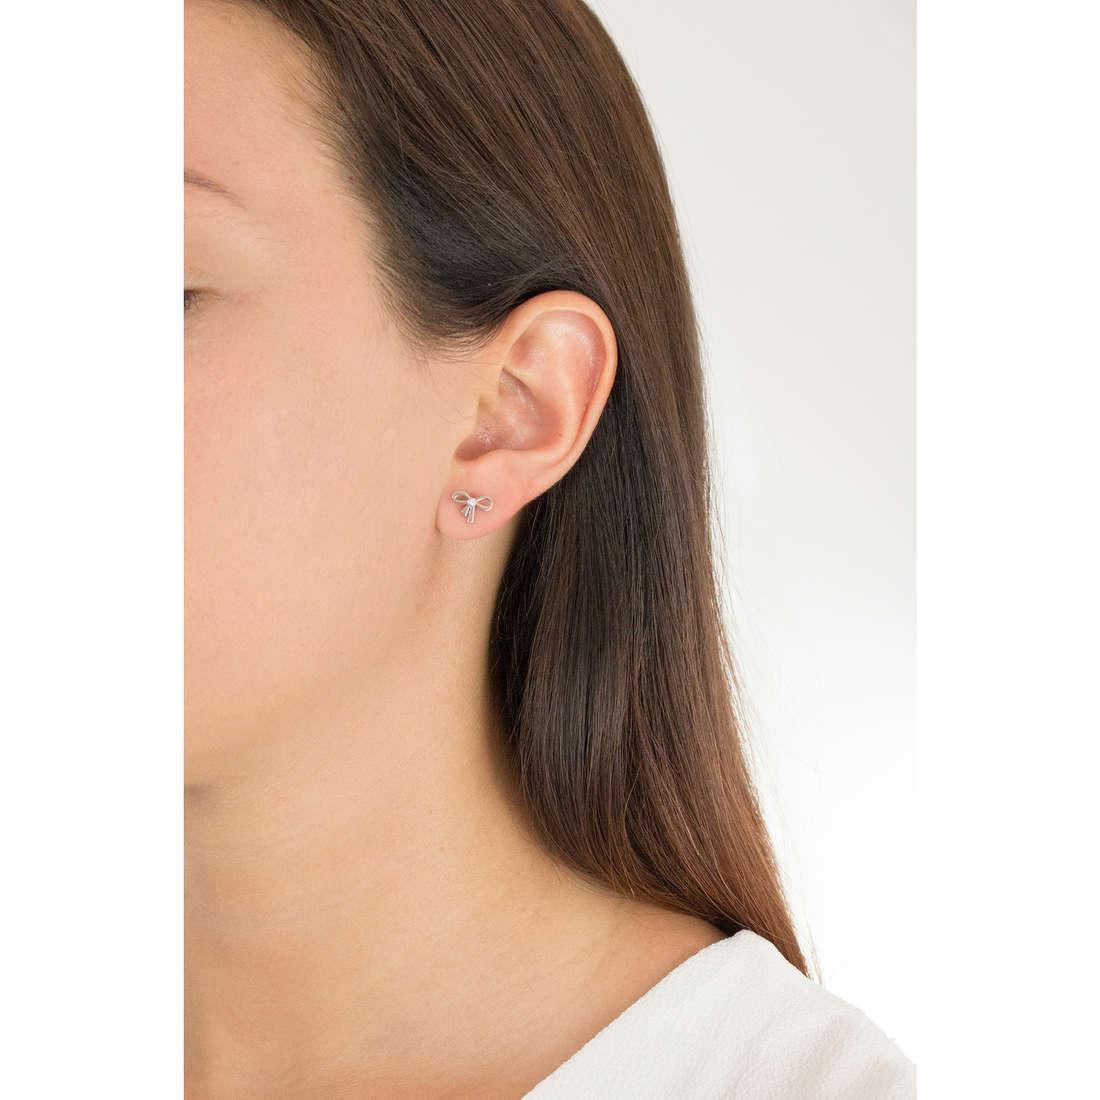 Nomination boucles d'oreille femme 026908/001 indosso